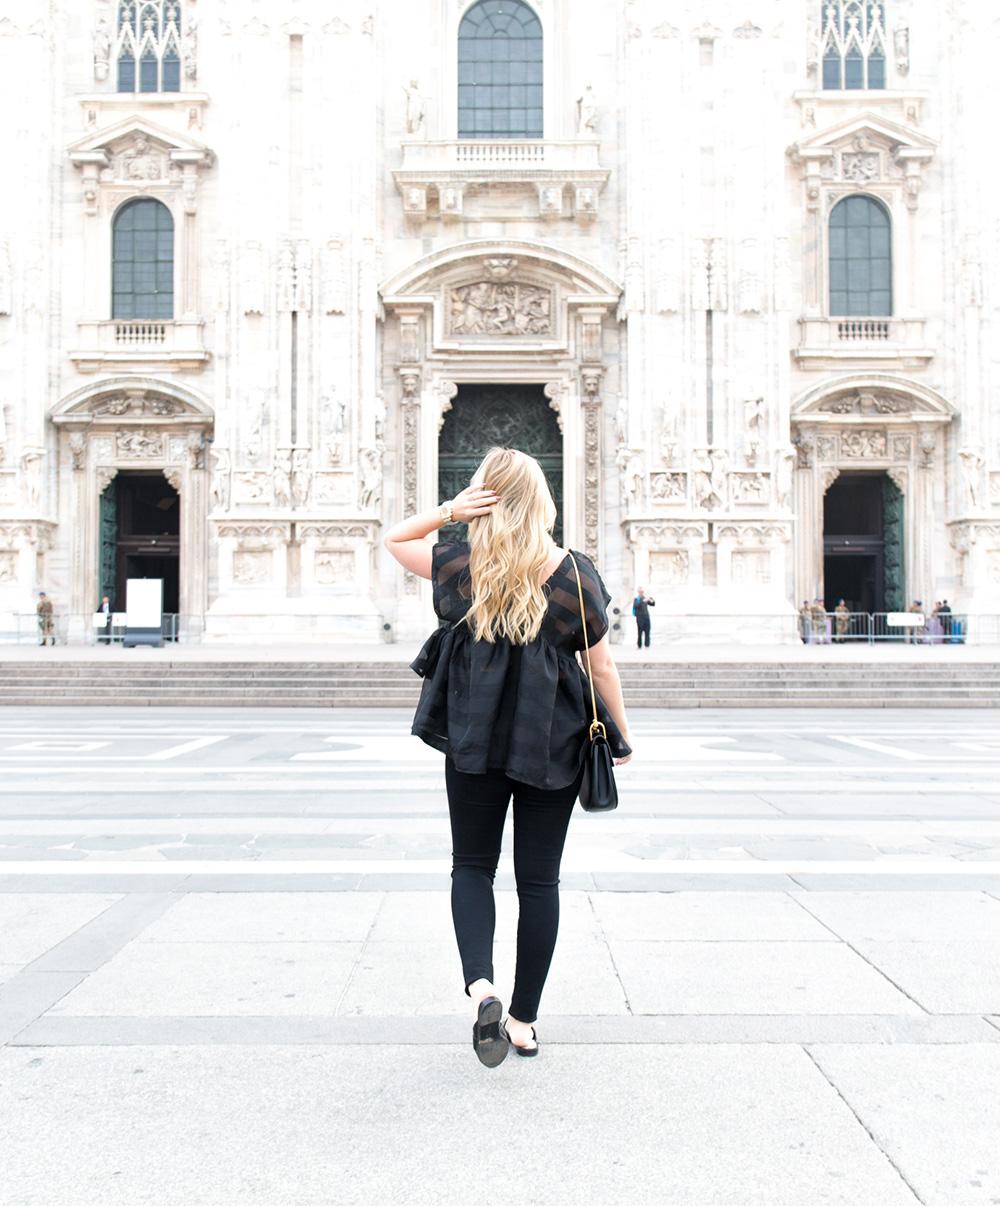 Black Organza at the Duomo